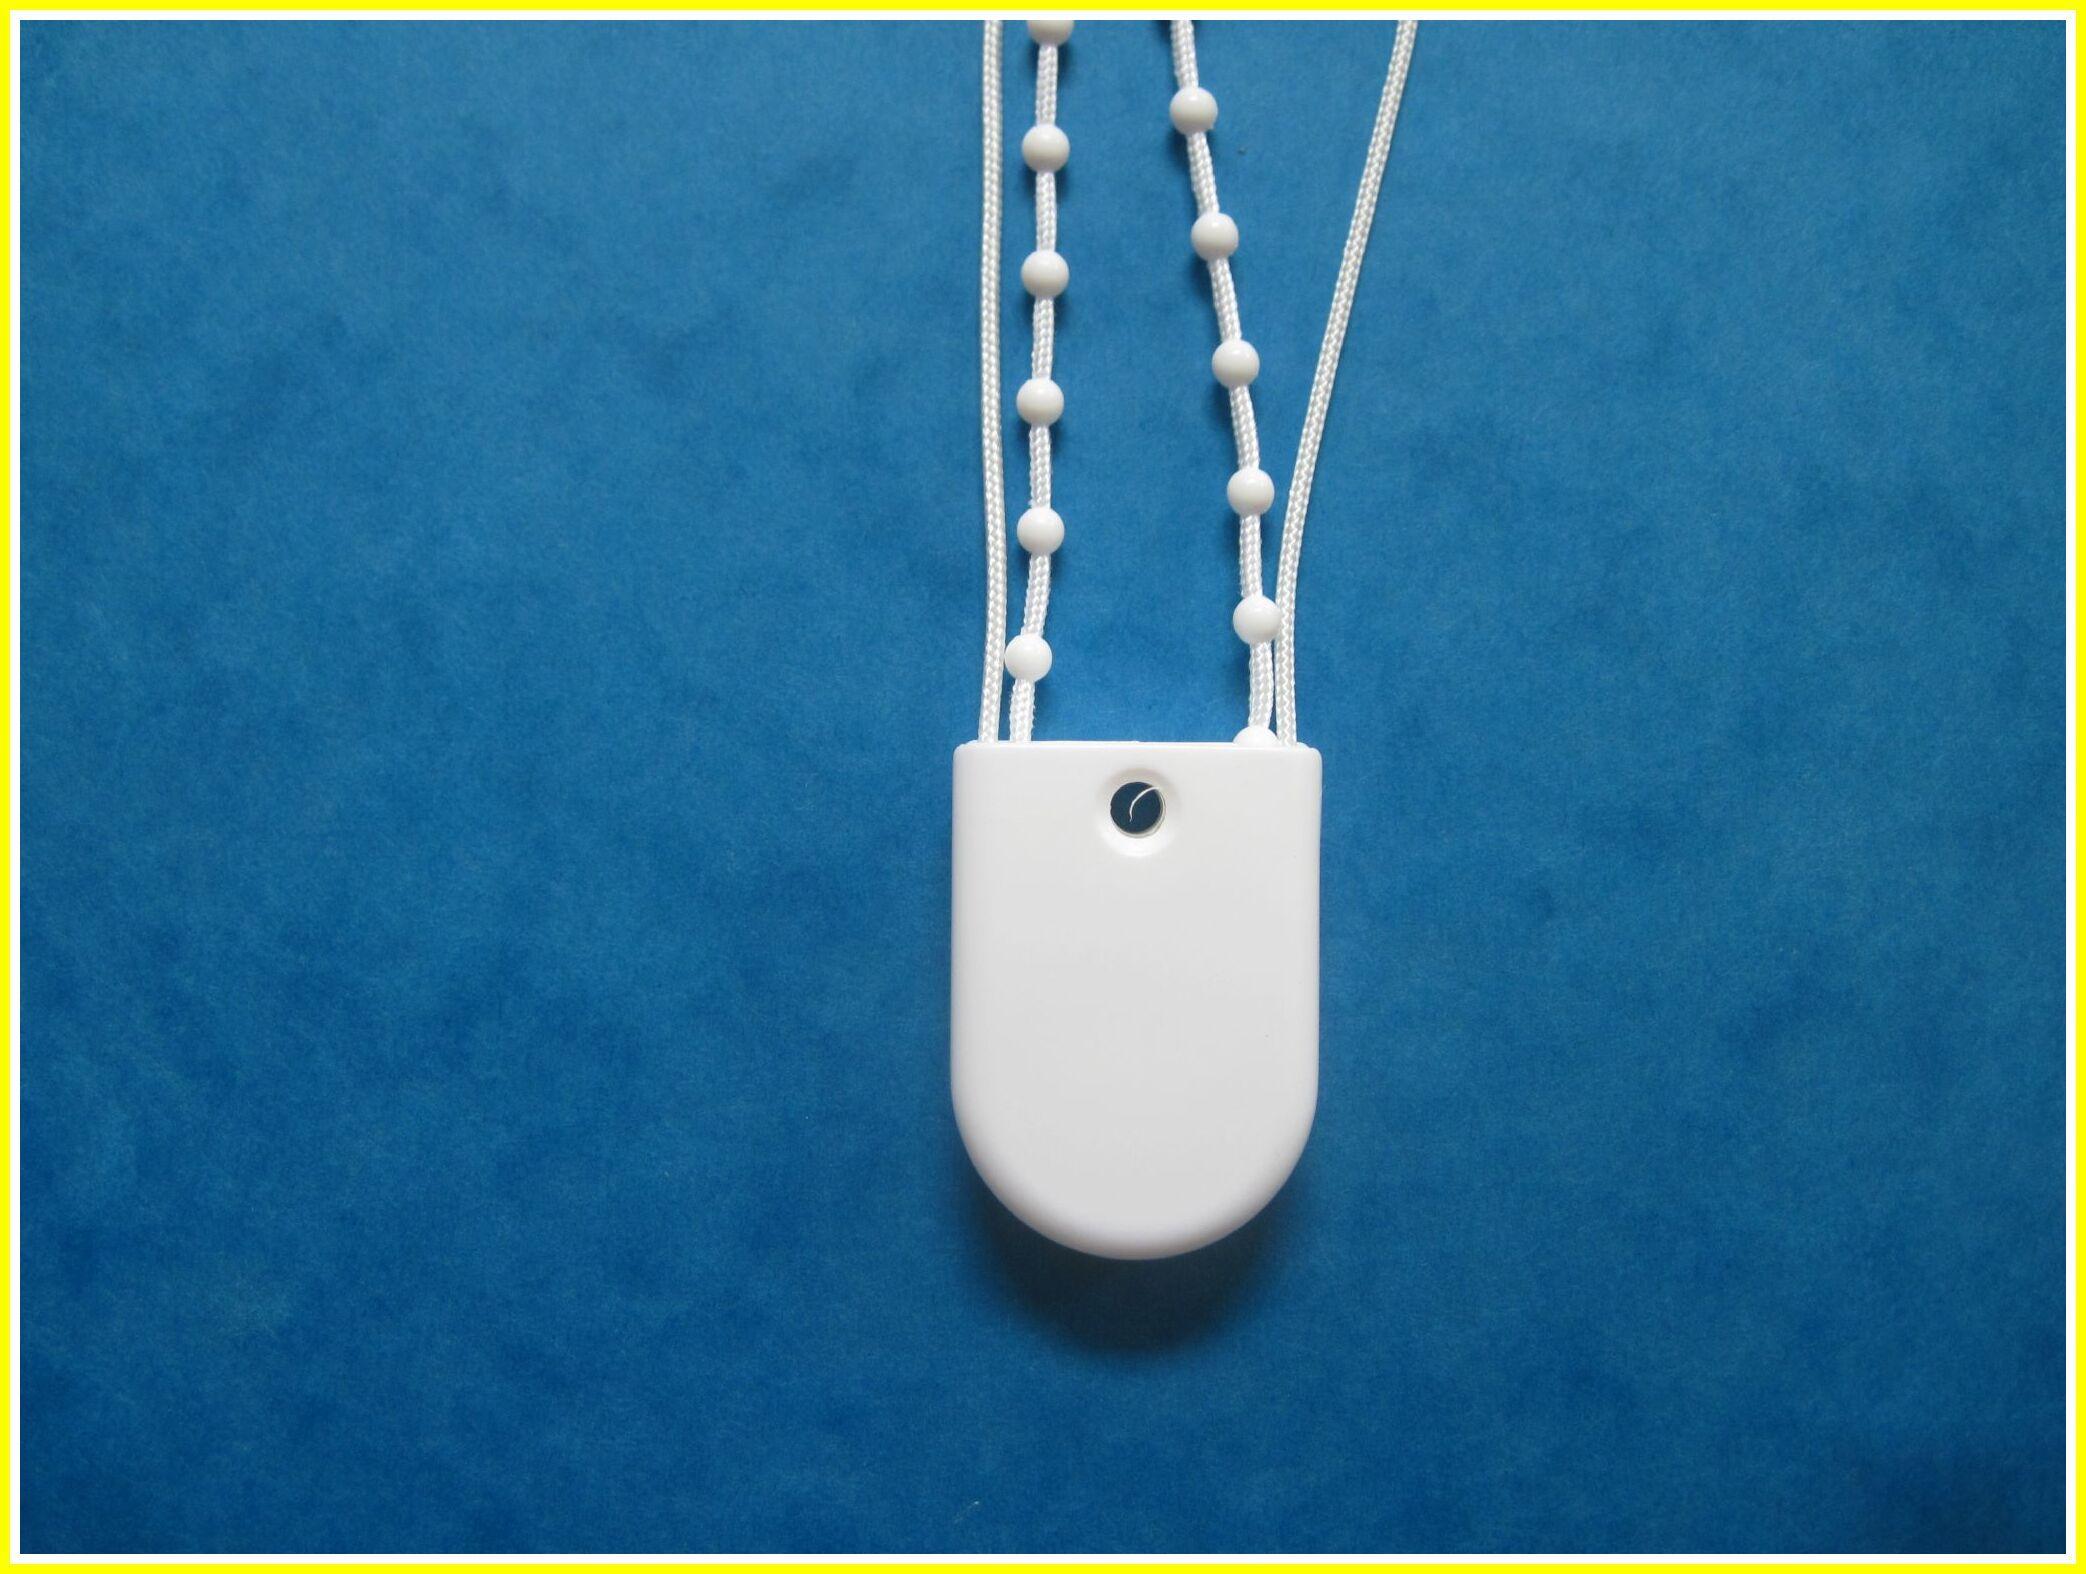 123 Reference Of Blind Cord Holder Plastic In 2020 Blinds For Windows Roller Blinds Vertical Blinds